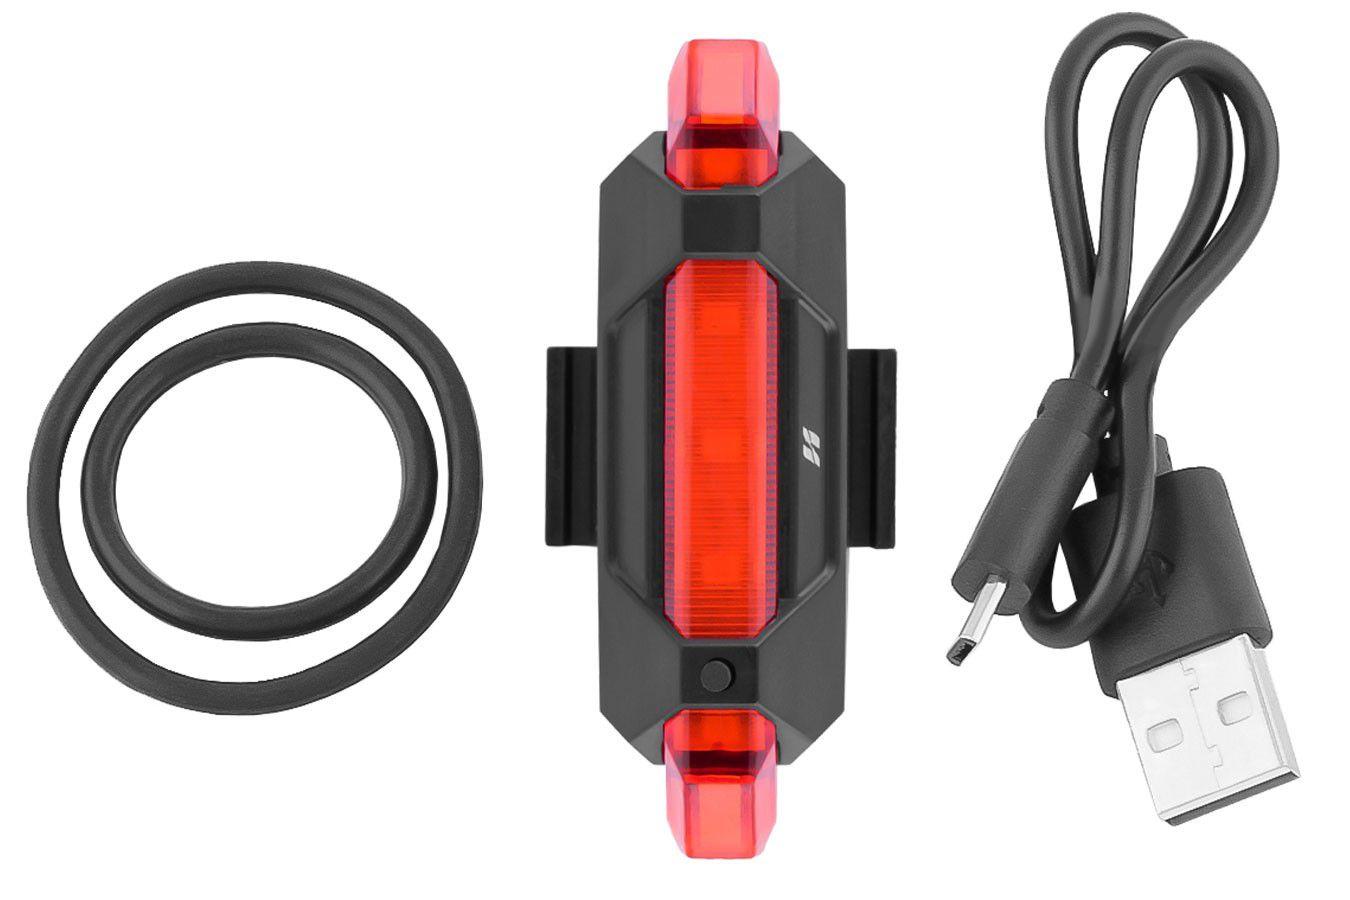 Lanterna Traseira Bicicleta Vermelha Pisca Usb Recarregável